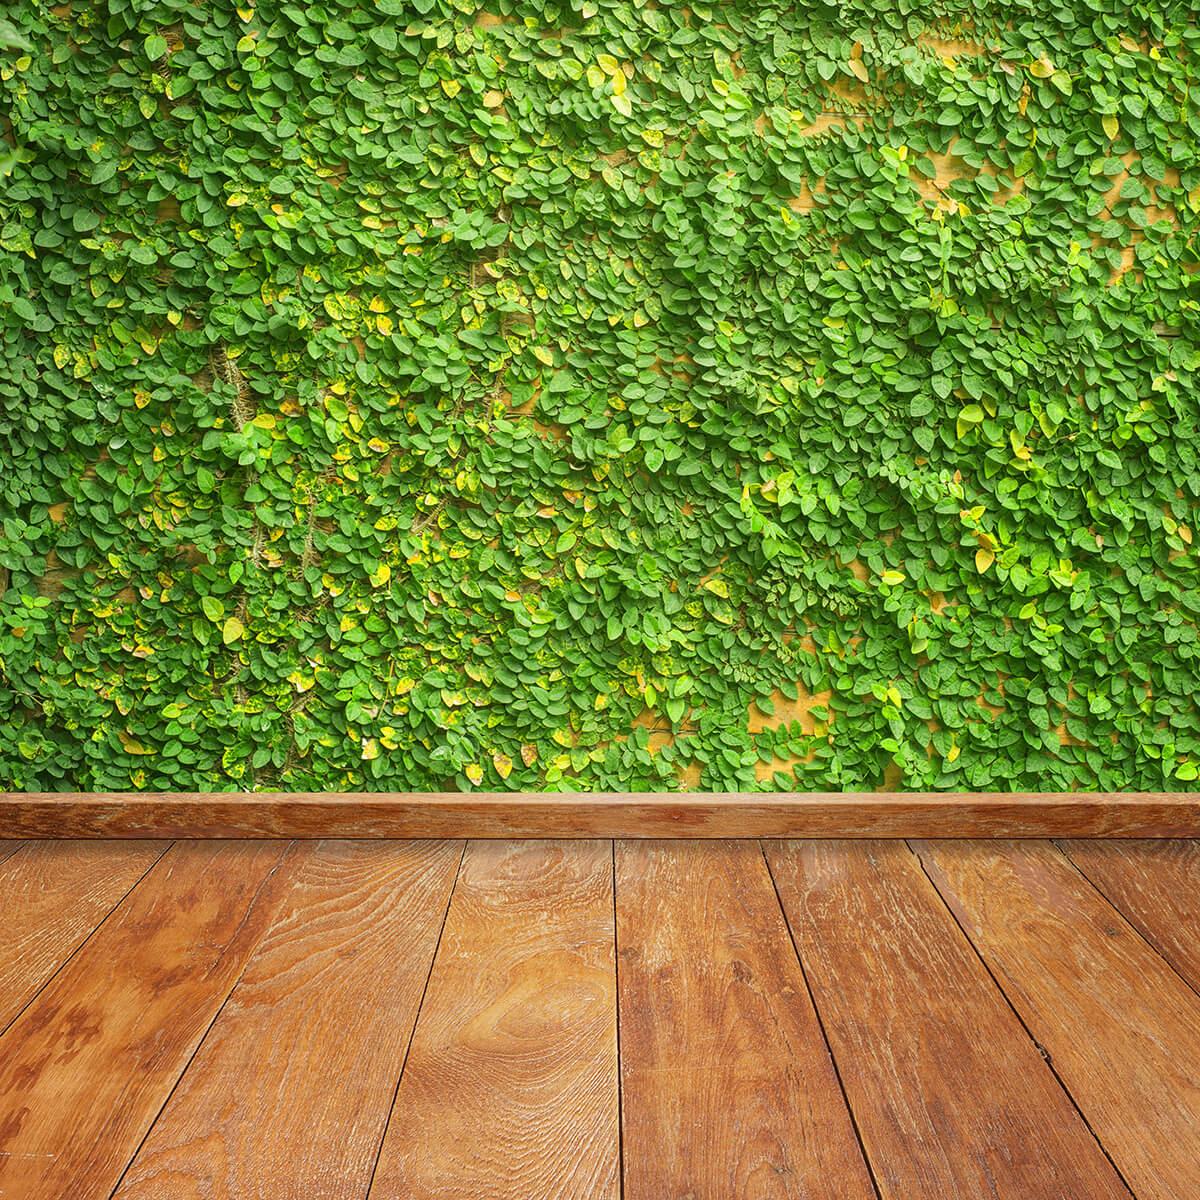 קיר צמחייה מלאכותית